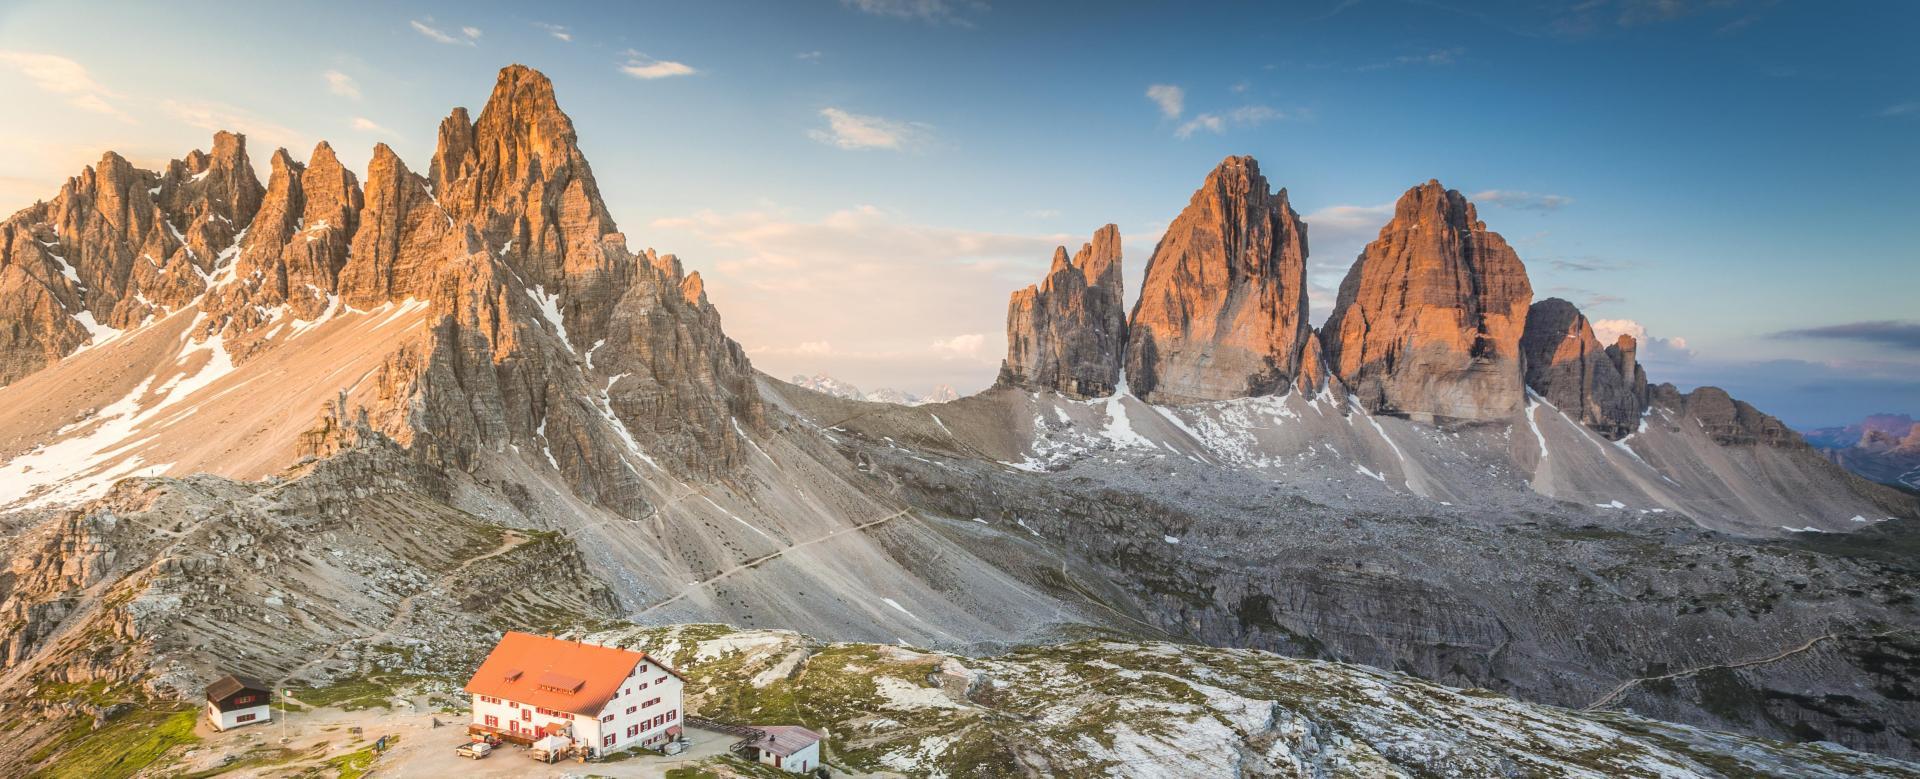 Voyage à pied : Alpes du Nord : La traversée des dolomites